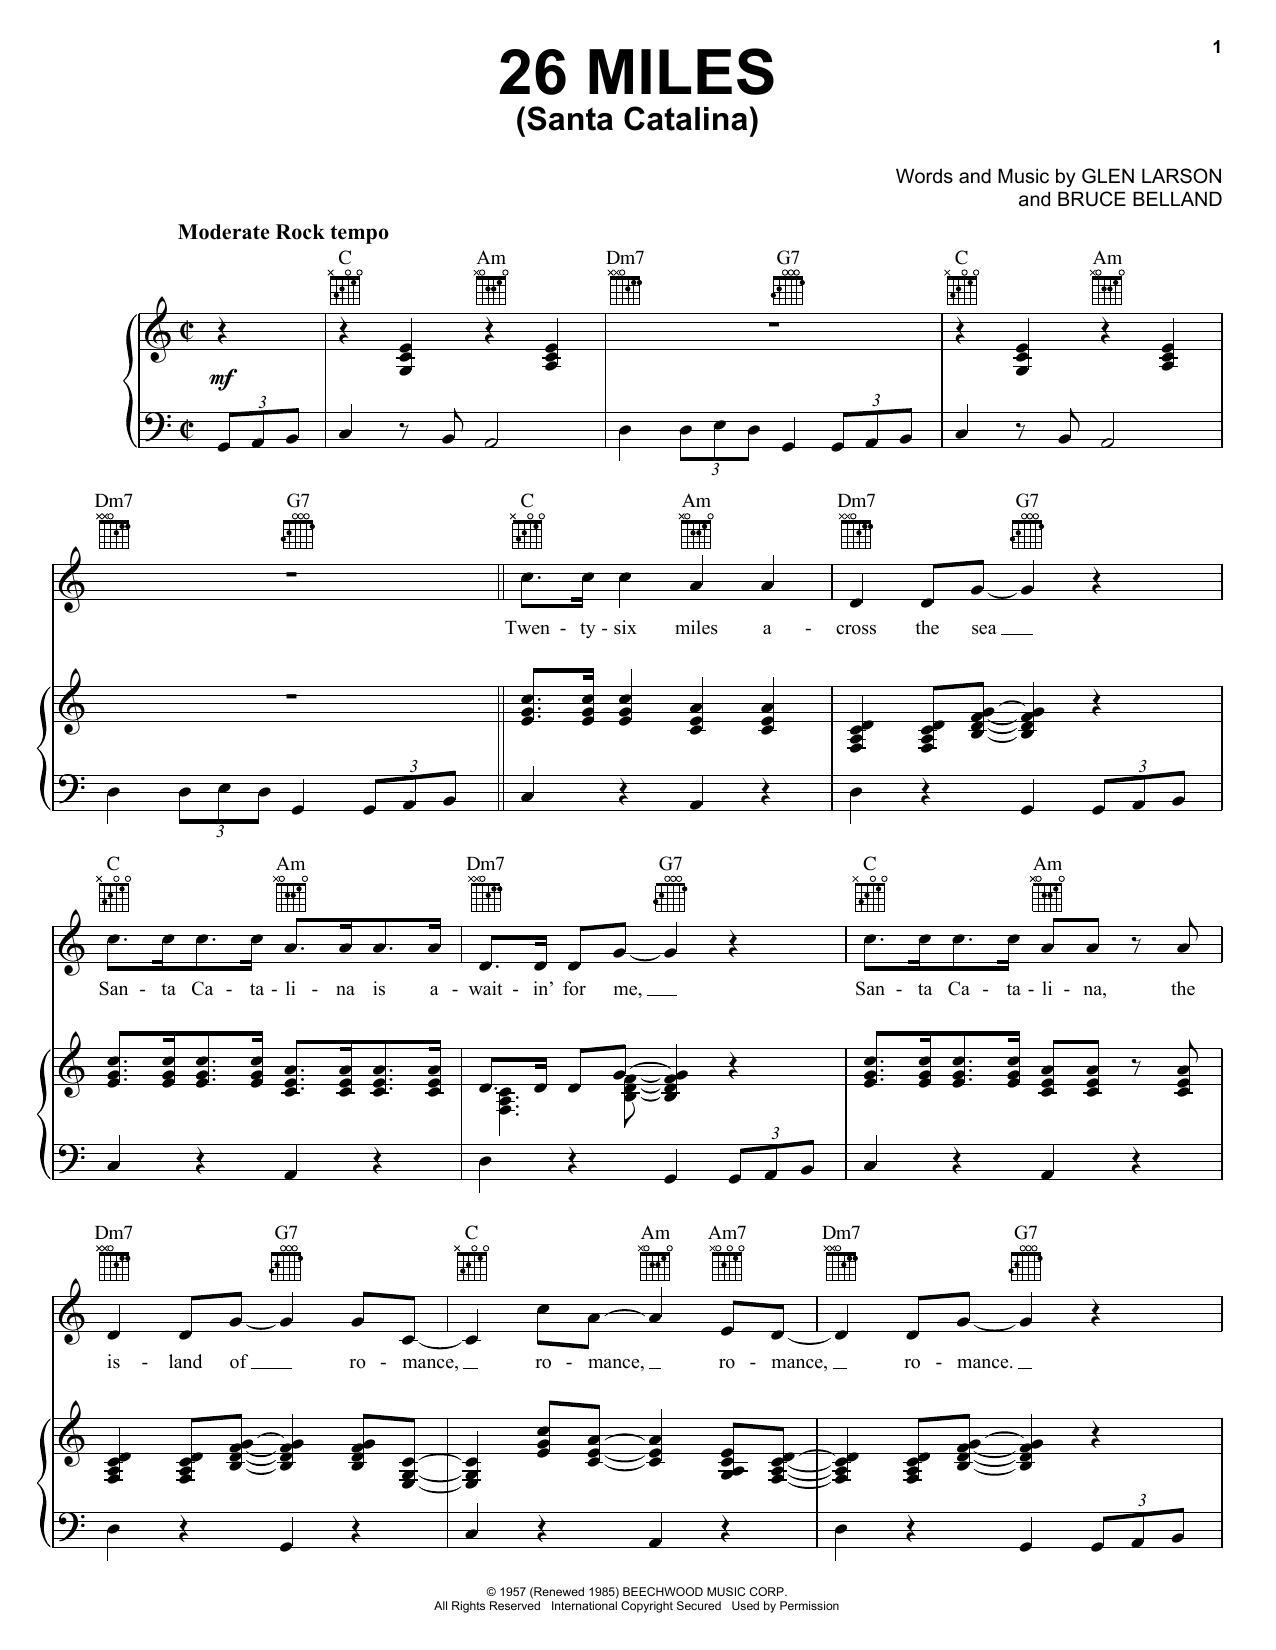 Four Preps 26 Miles (Santa Catalina) sheet music notes and chords